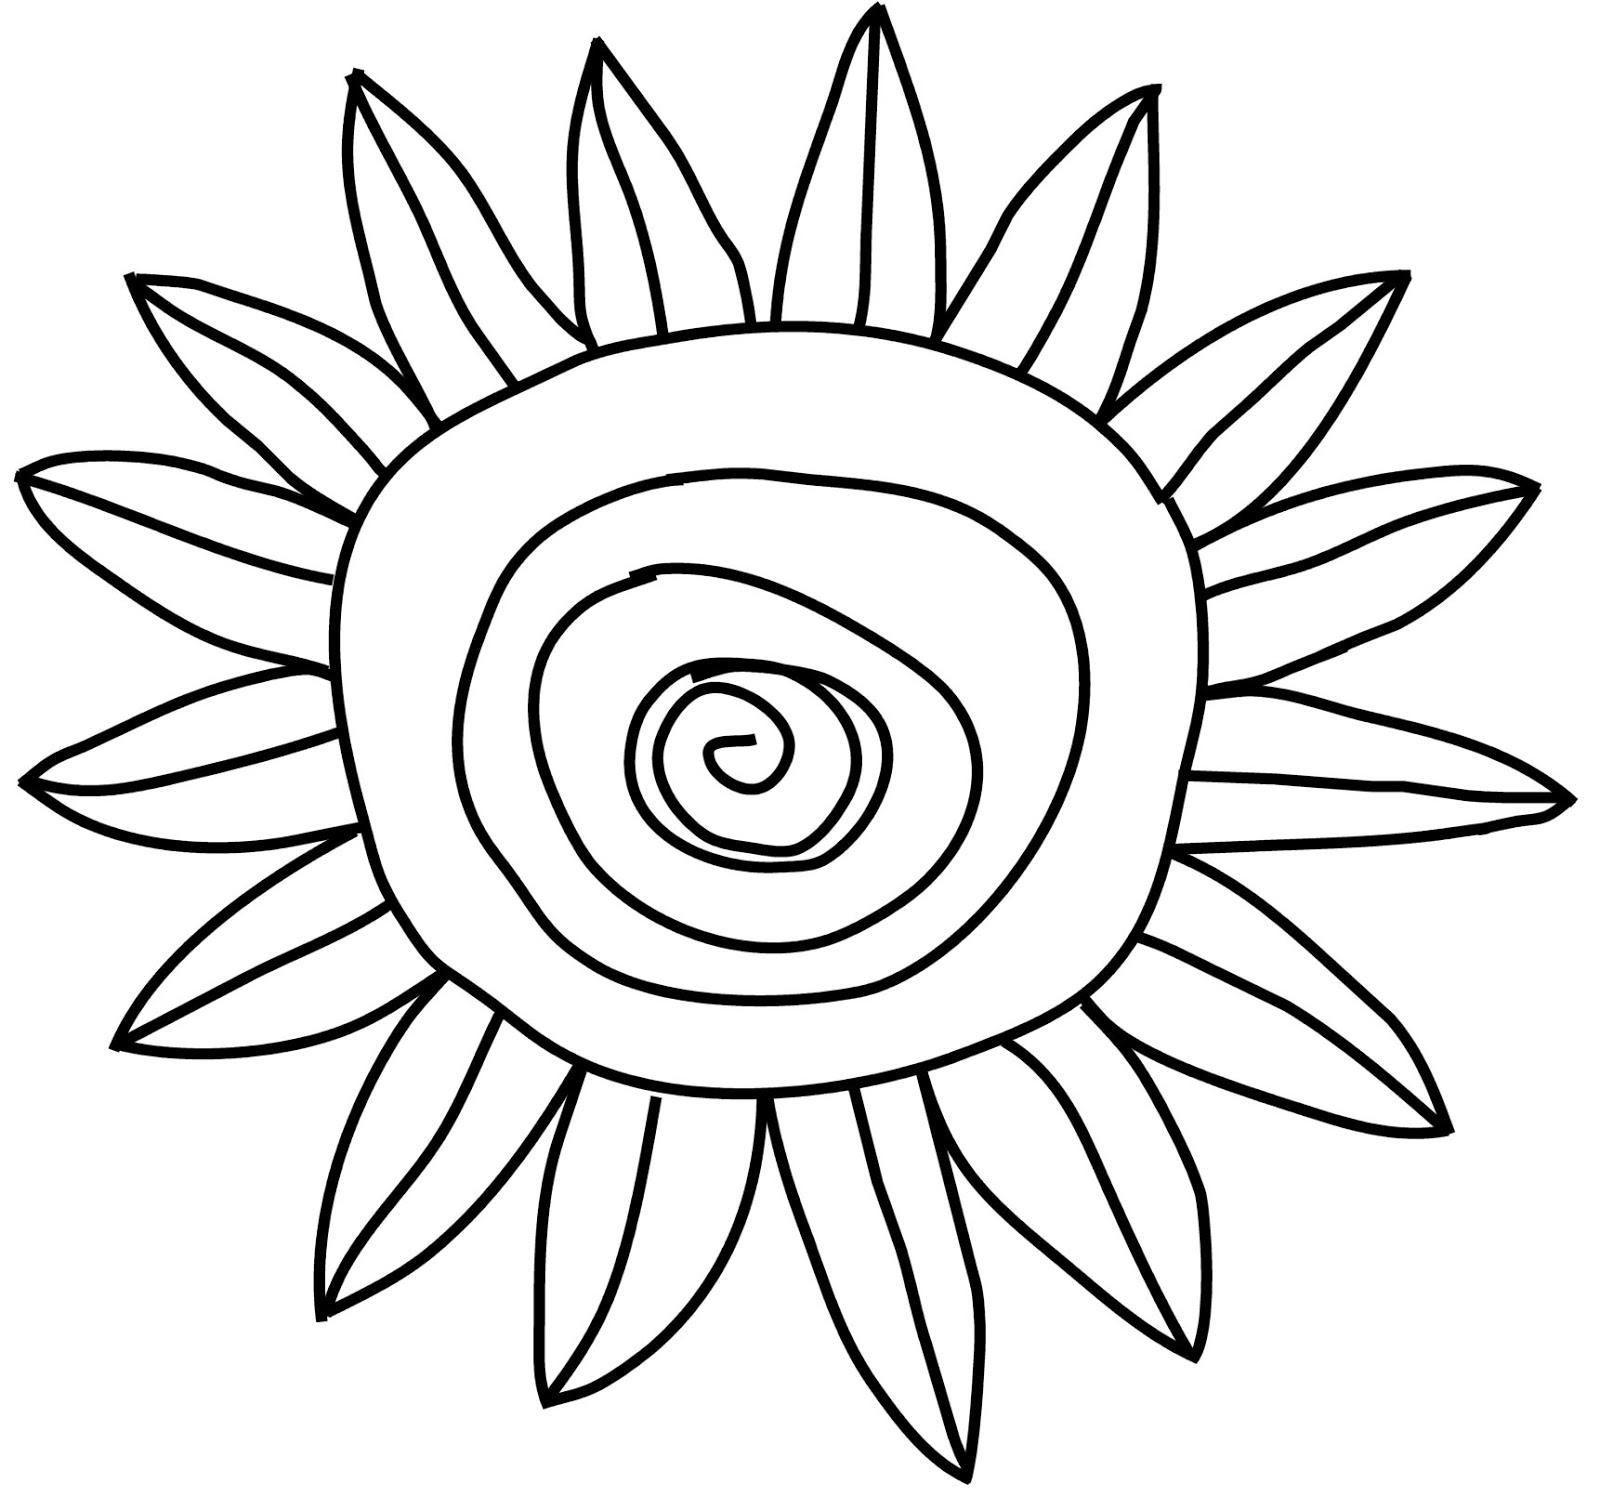 http://3.bp.blogspot.com/-59lC3egbbpU/Uz6iZHGZ1oI/AAAAAAAAJZ4/hdjSxhWCRRU/s1600/sun+1.jpg